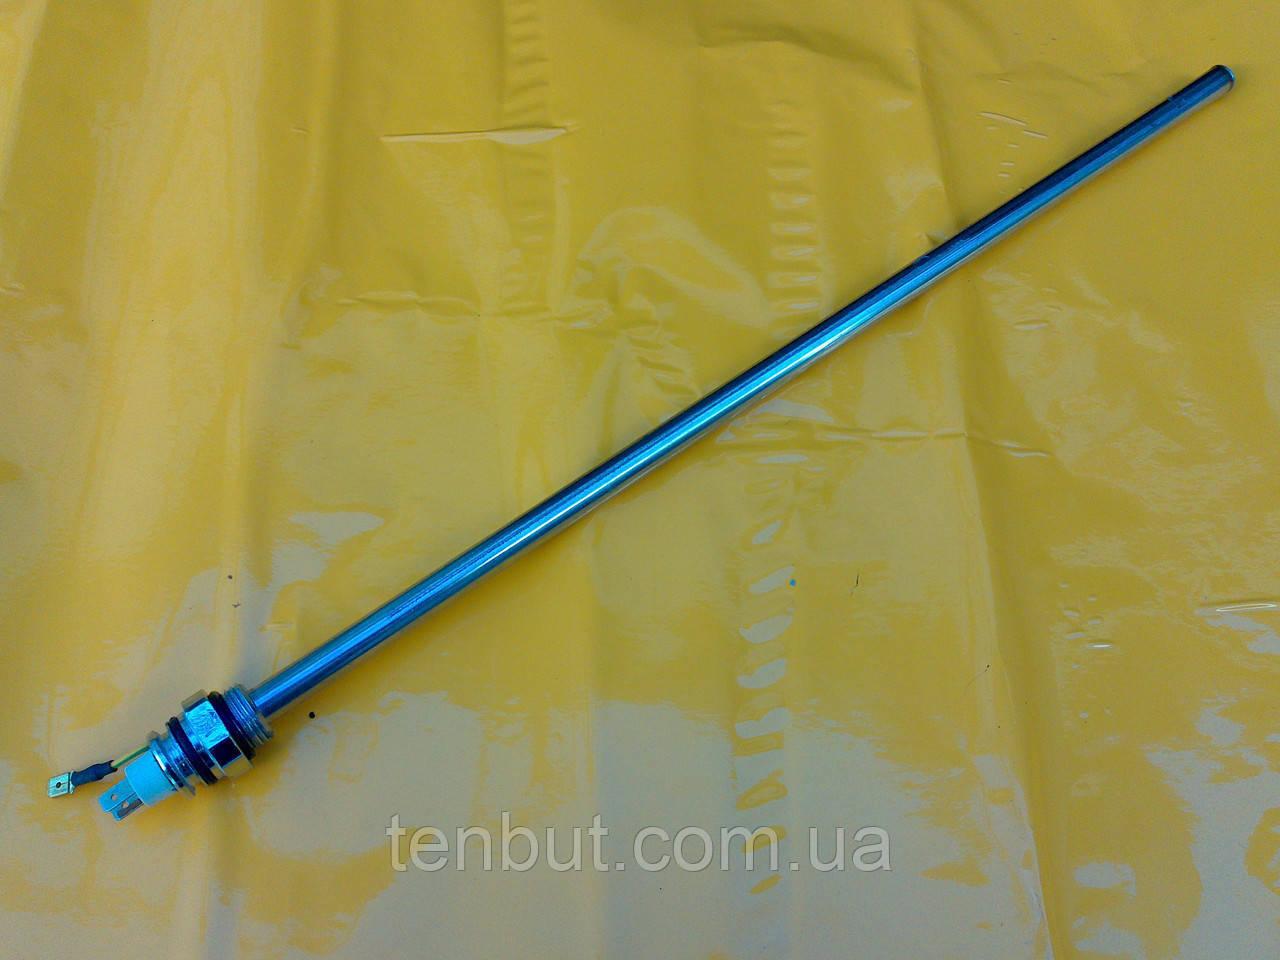 Тэн патронного типа 800 Вт. / 705 мм. в алюминиевую батарею и в полотенцесушитель производство Италия НТ